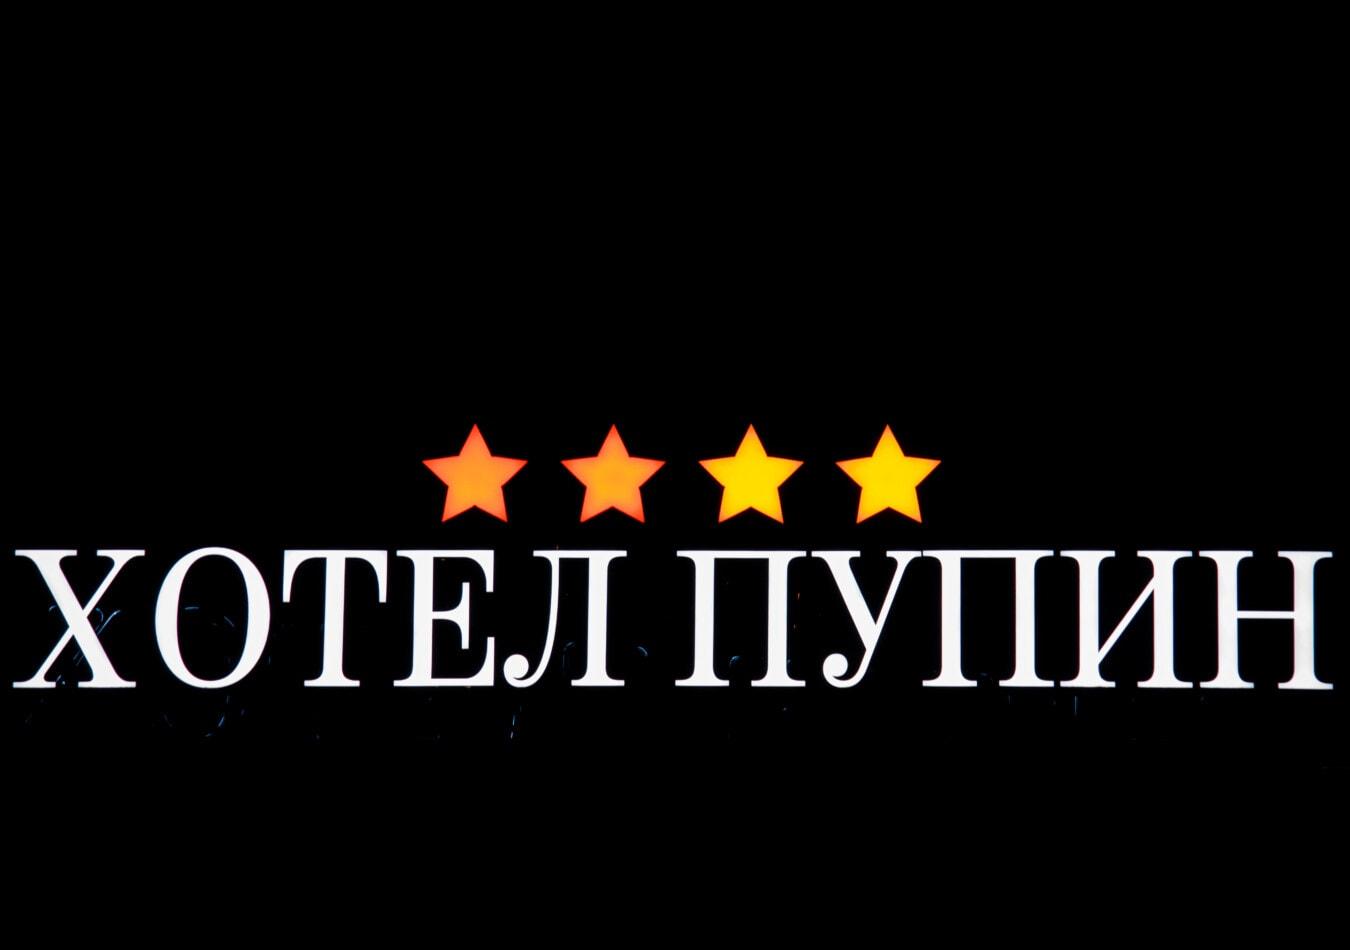 Kyrillisch, Text, Sterne, Symbol, Hotel, Nachts, Nacht, Dunkel, Dunkelheit, Geschäft